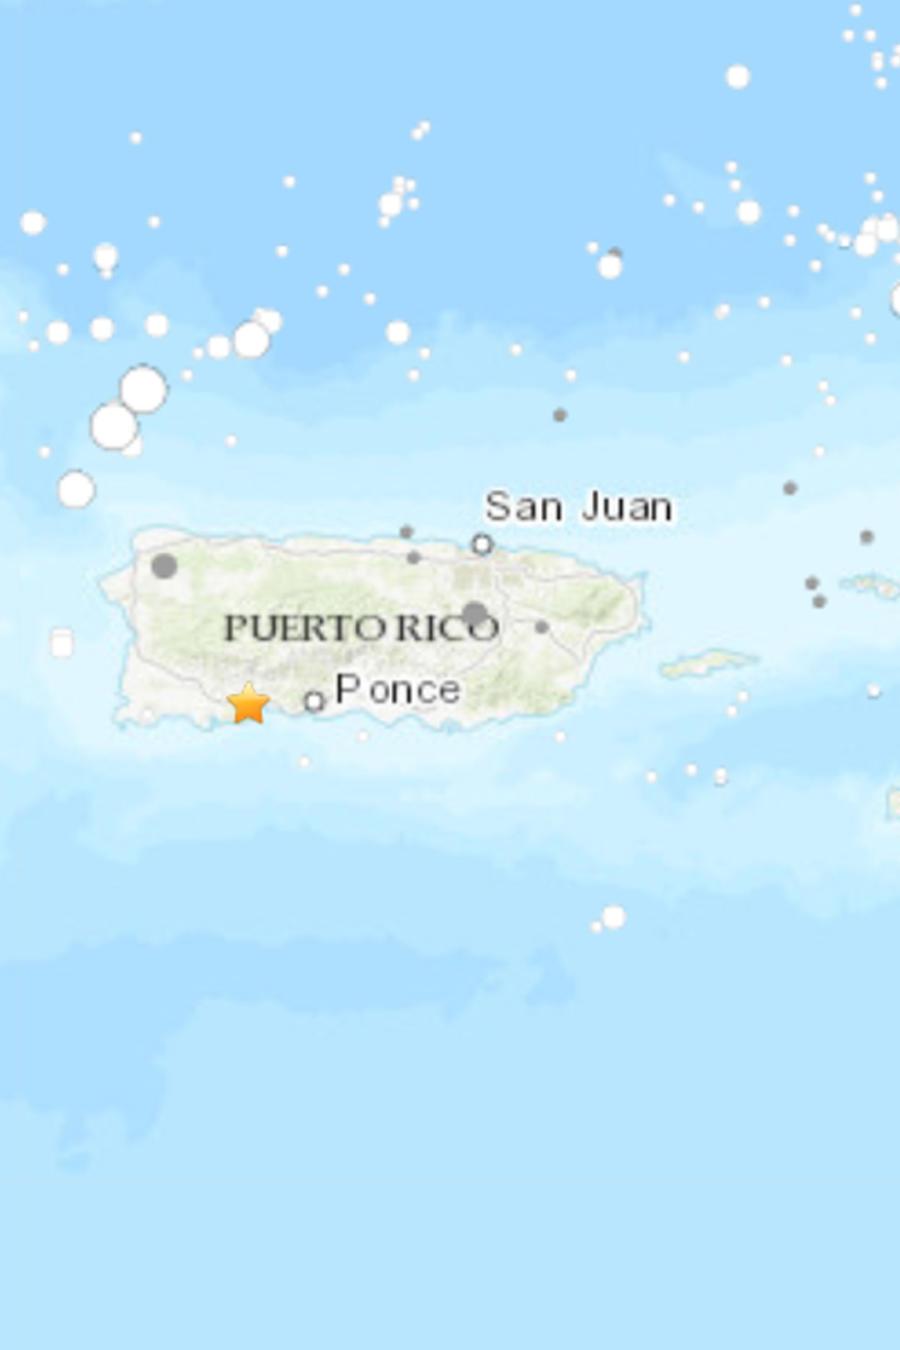 Mapa del epicentro del nuevo sismo en Puerto Rico.